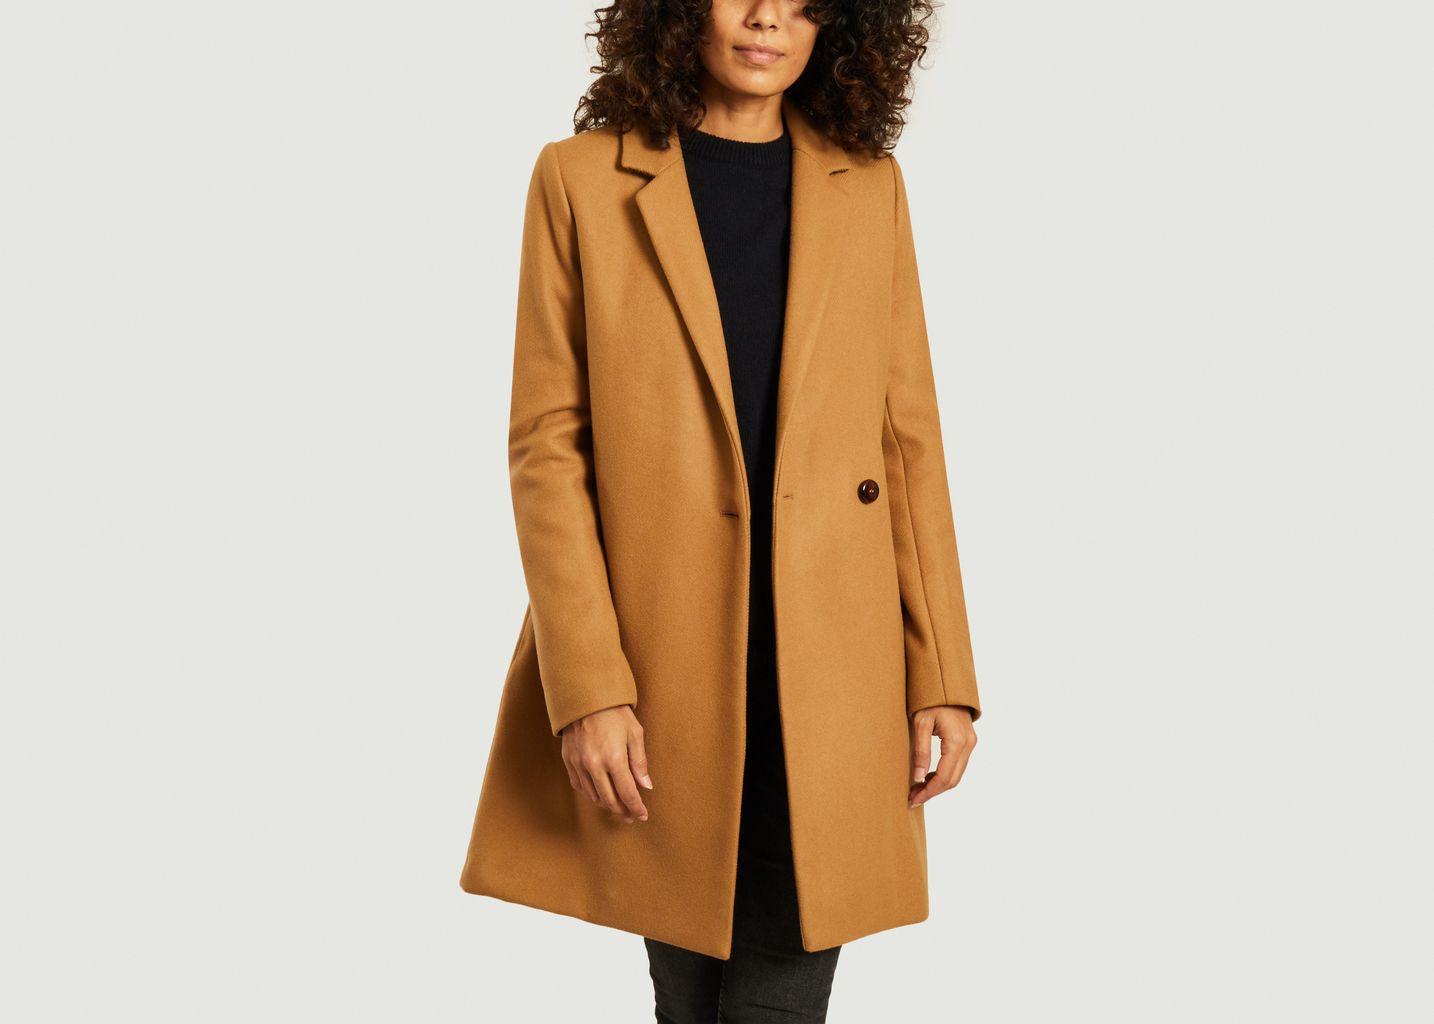 Manteau Vesoul en Laine  - Trench And Coat